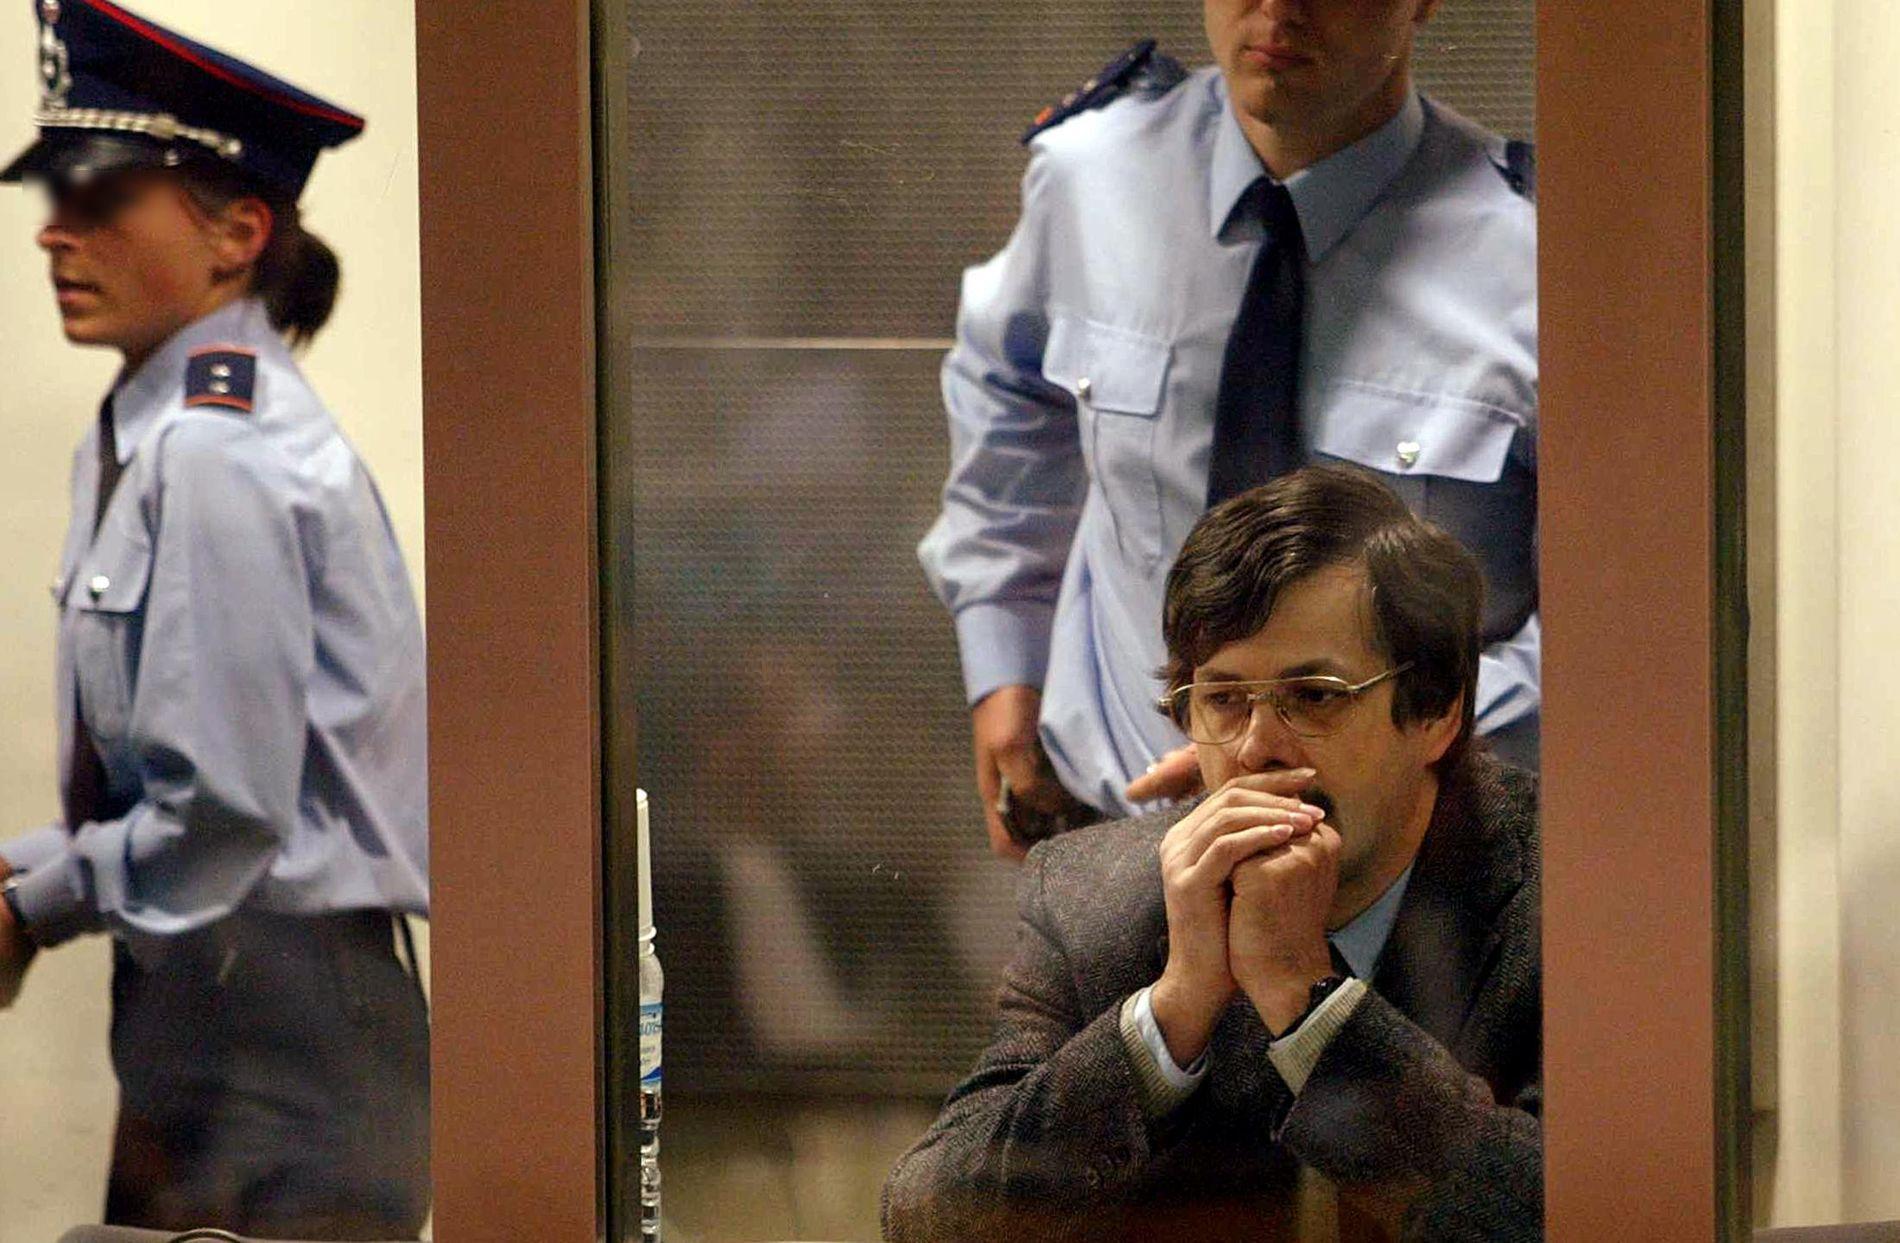 LIVSSTID: Dutroux ble dømt til livsstid, uten mulighet for prøveløslatelse, i 2004. Han har tidligere søkt om å bli løslatt.